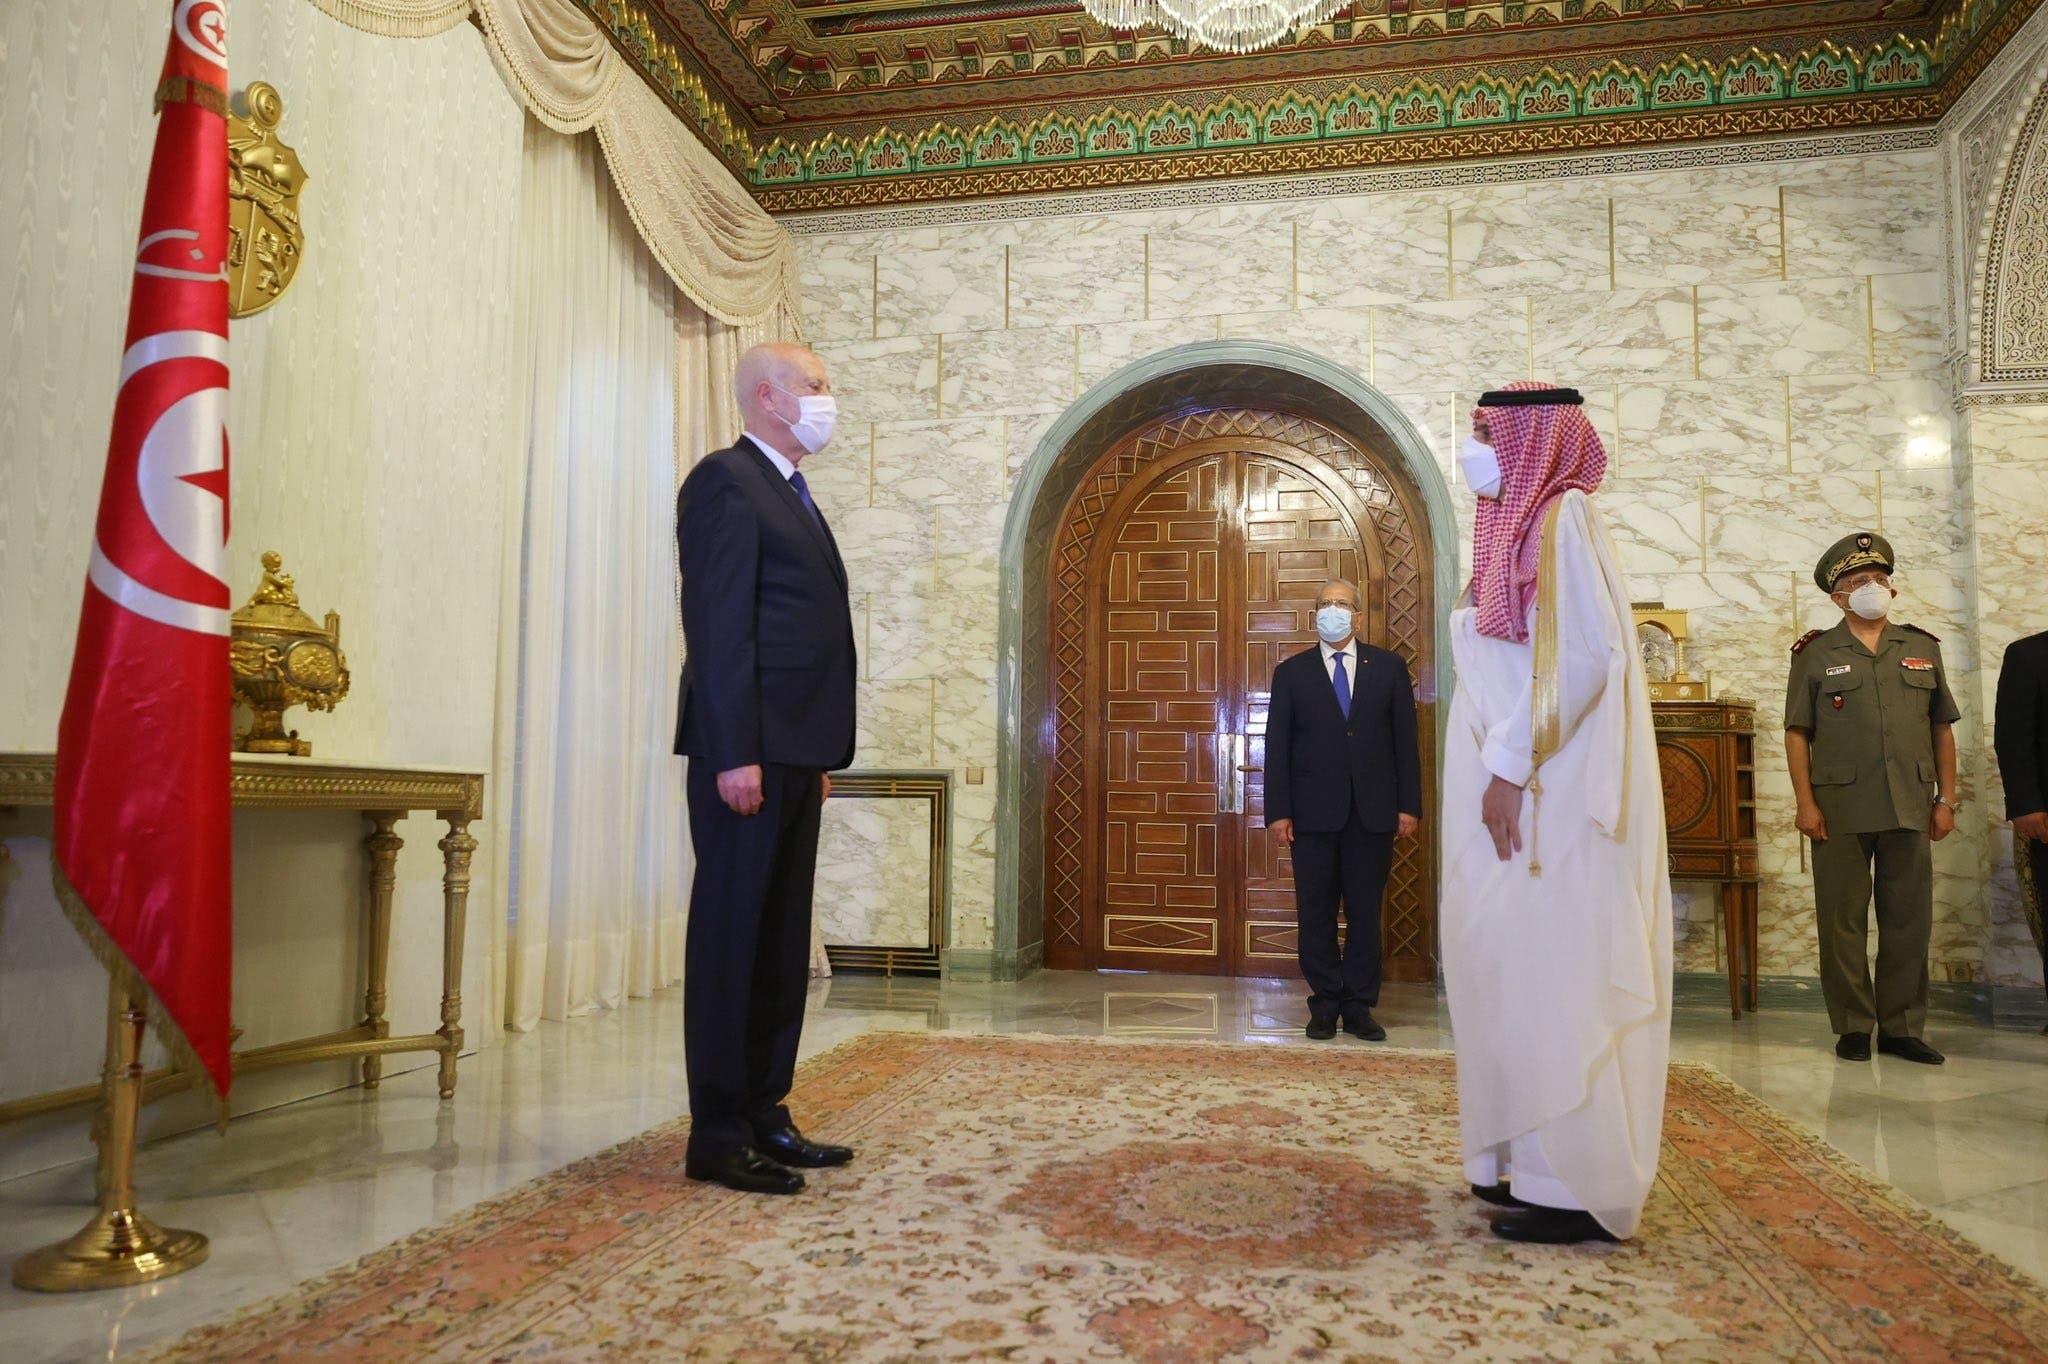 شہزادہ فیصل اور تونسی صدر کے درمیان ملاقات کا منظر